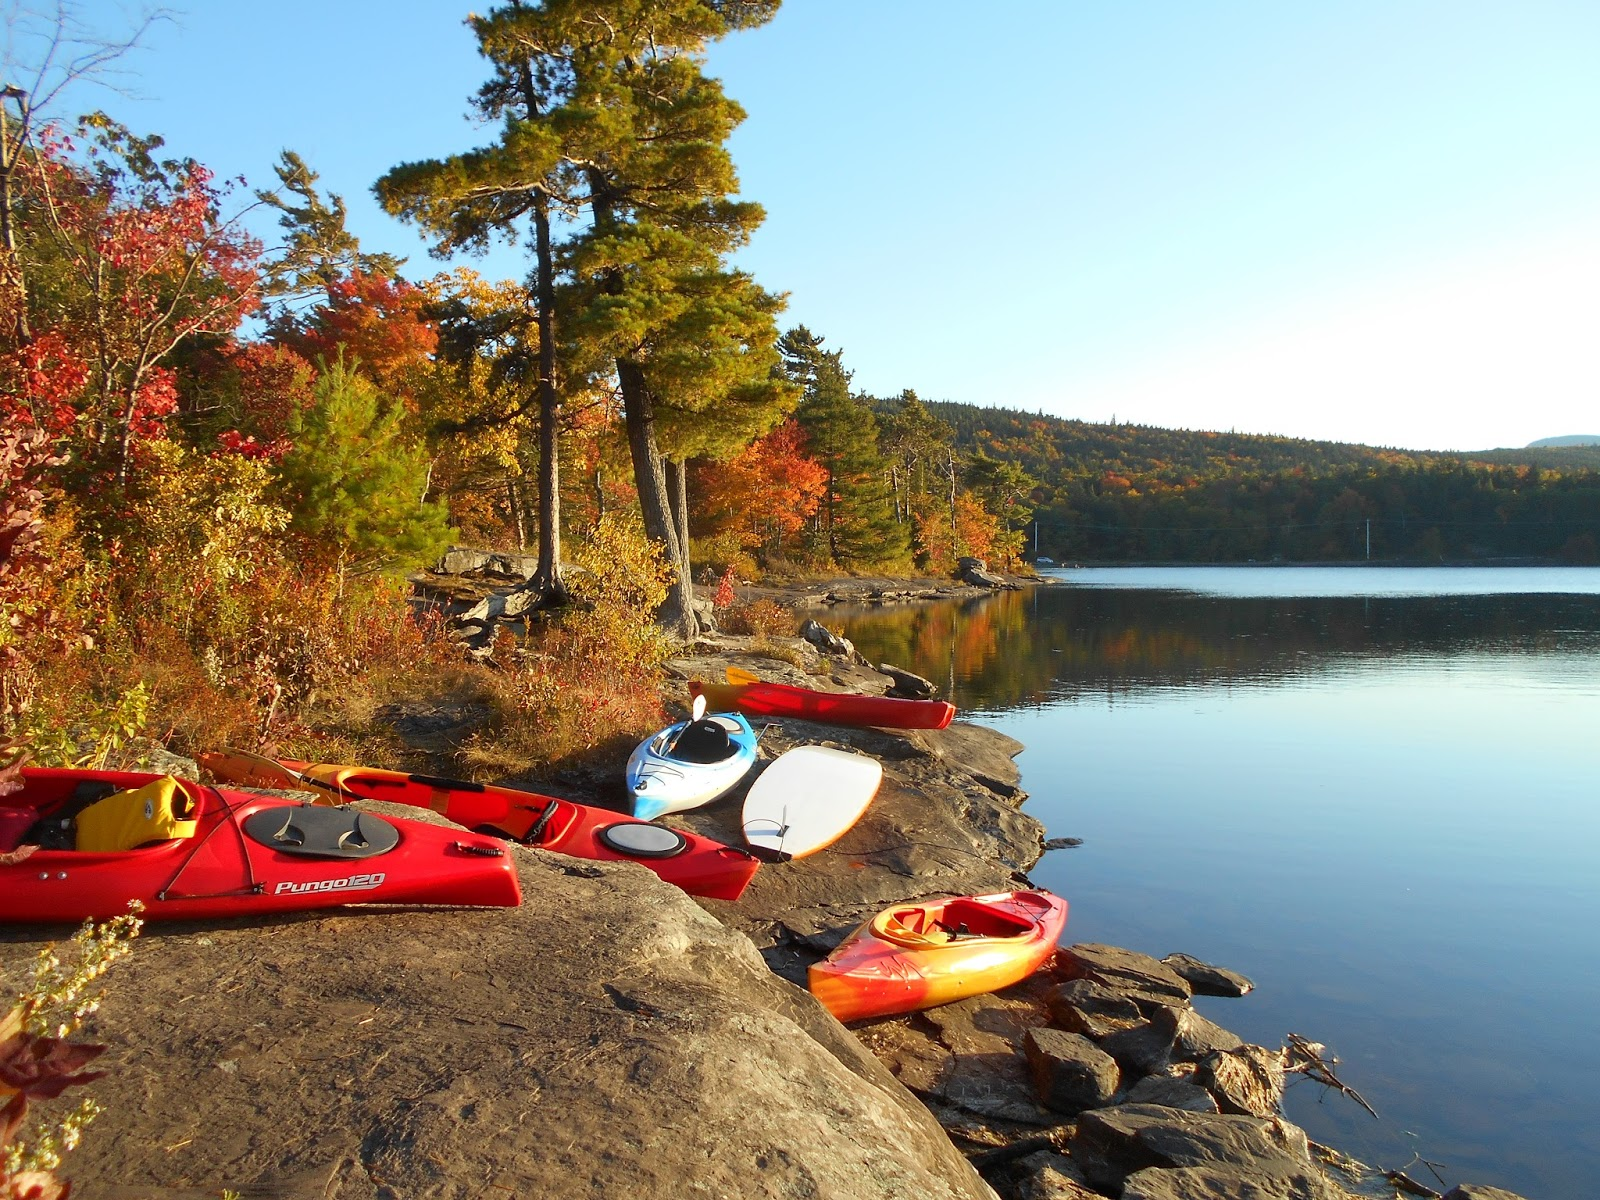 Tim 39 s camping review north south lake ny for Fish lake camping